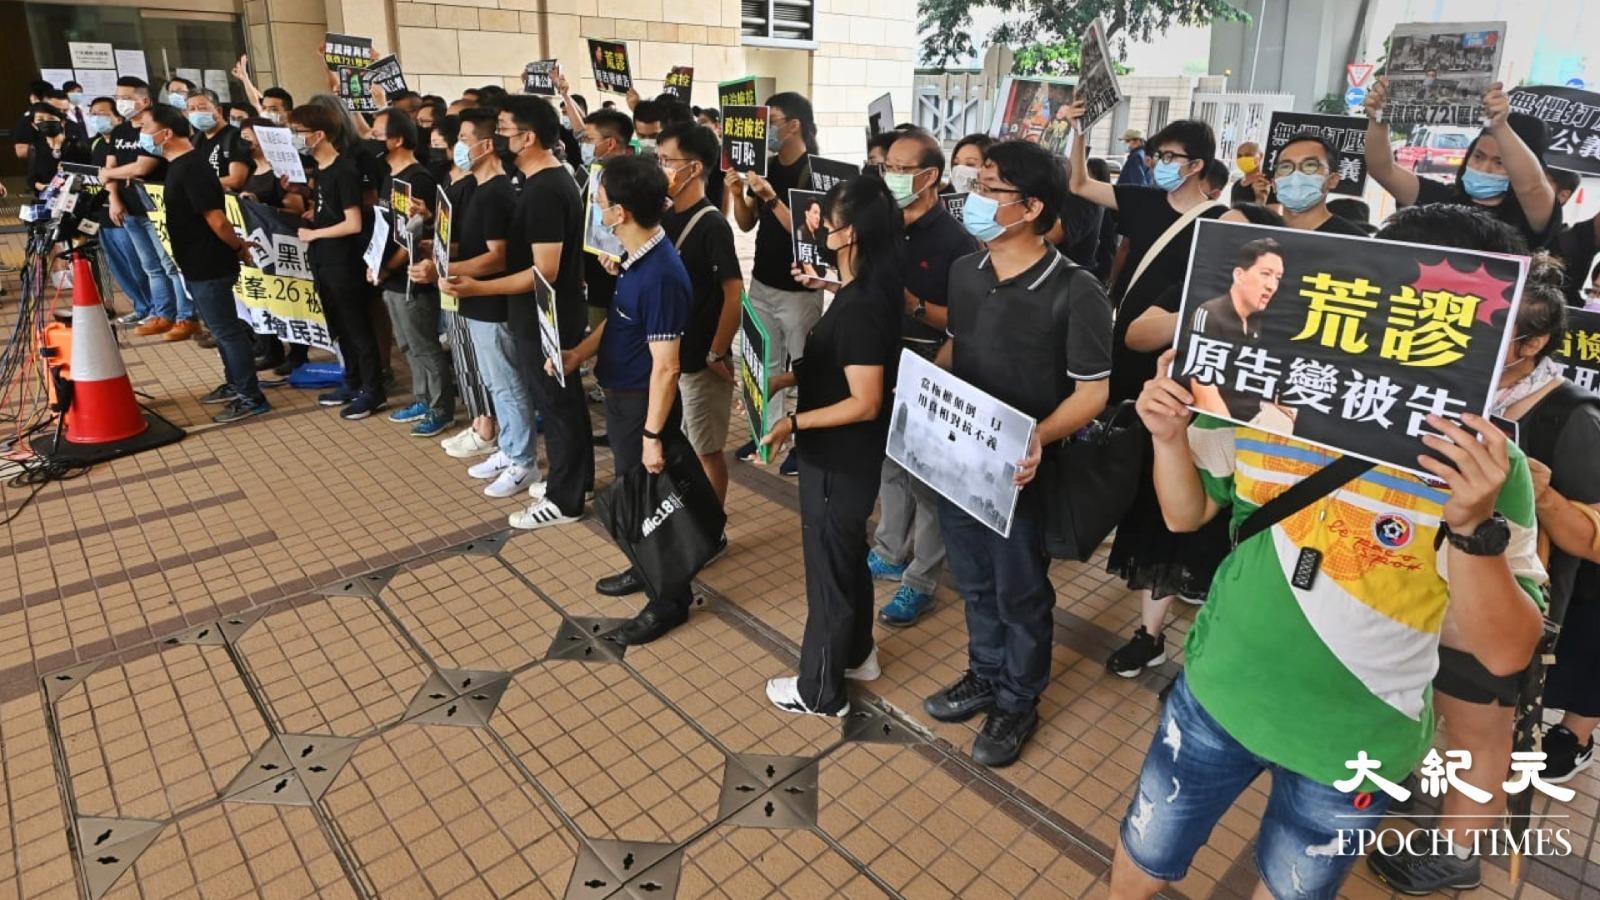 市民身穿黑衣,高舉標語,抗議警方指鹿為馬、竄改721歷史。(宋碧龍/大紀元)